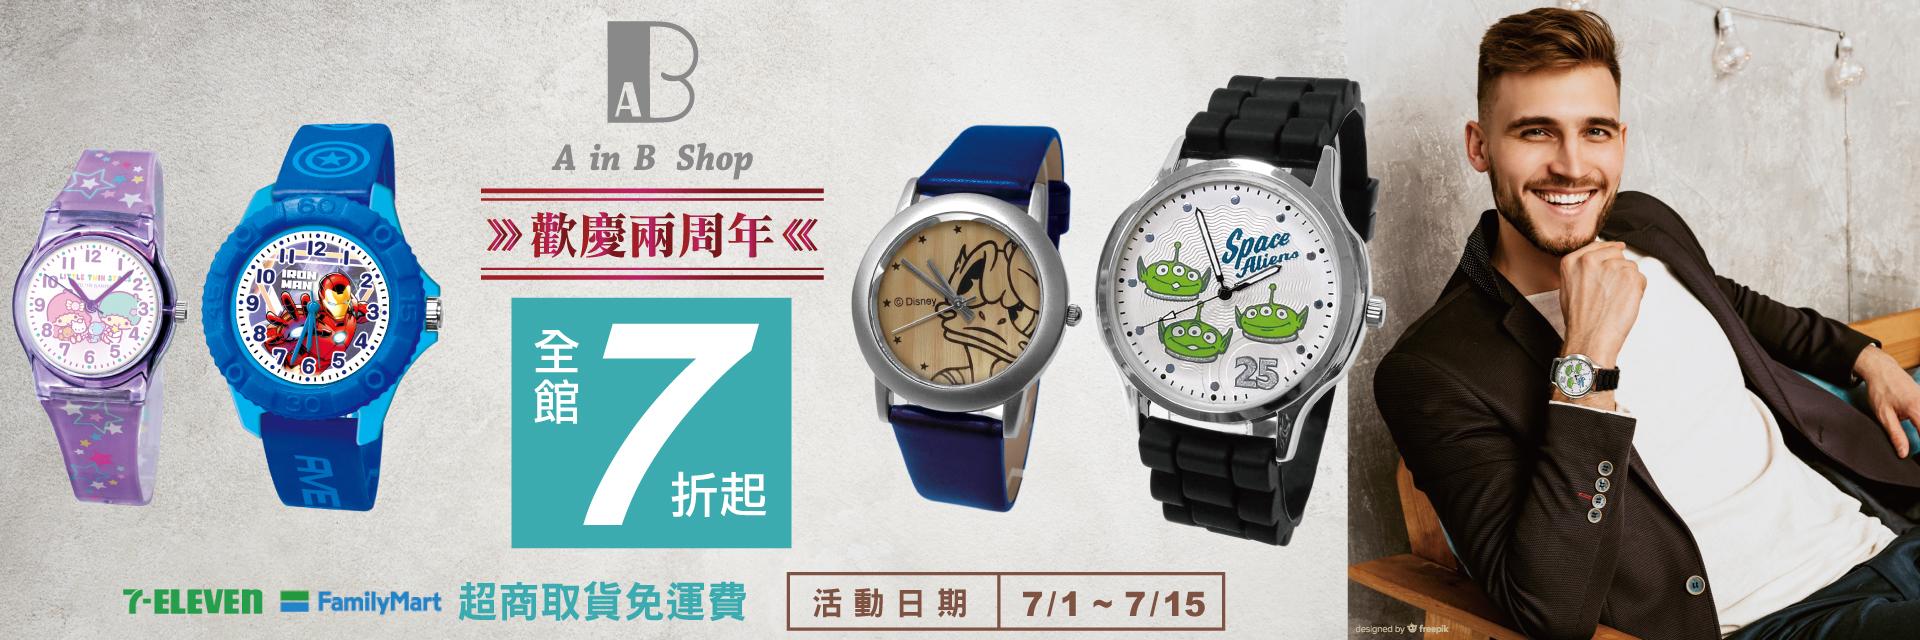 a in b Shop 迪士尼手錶周年慶優惠